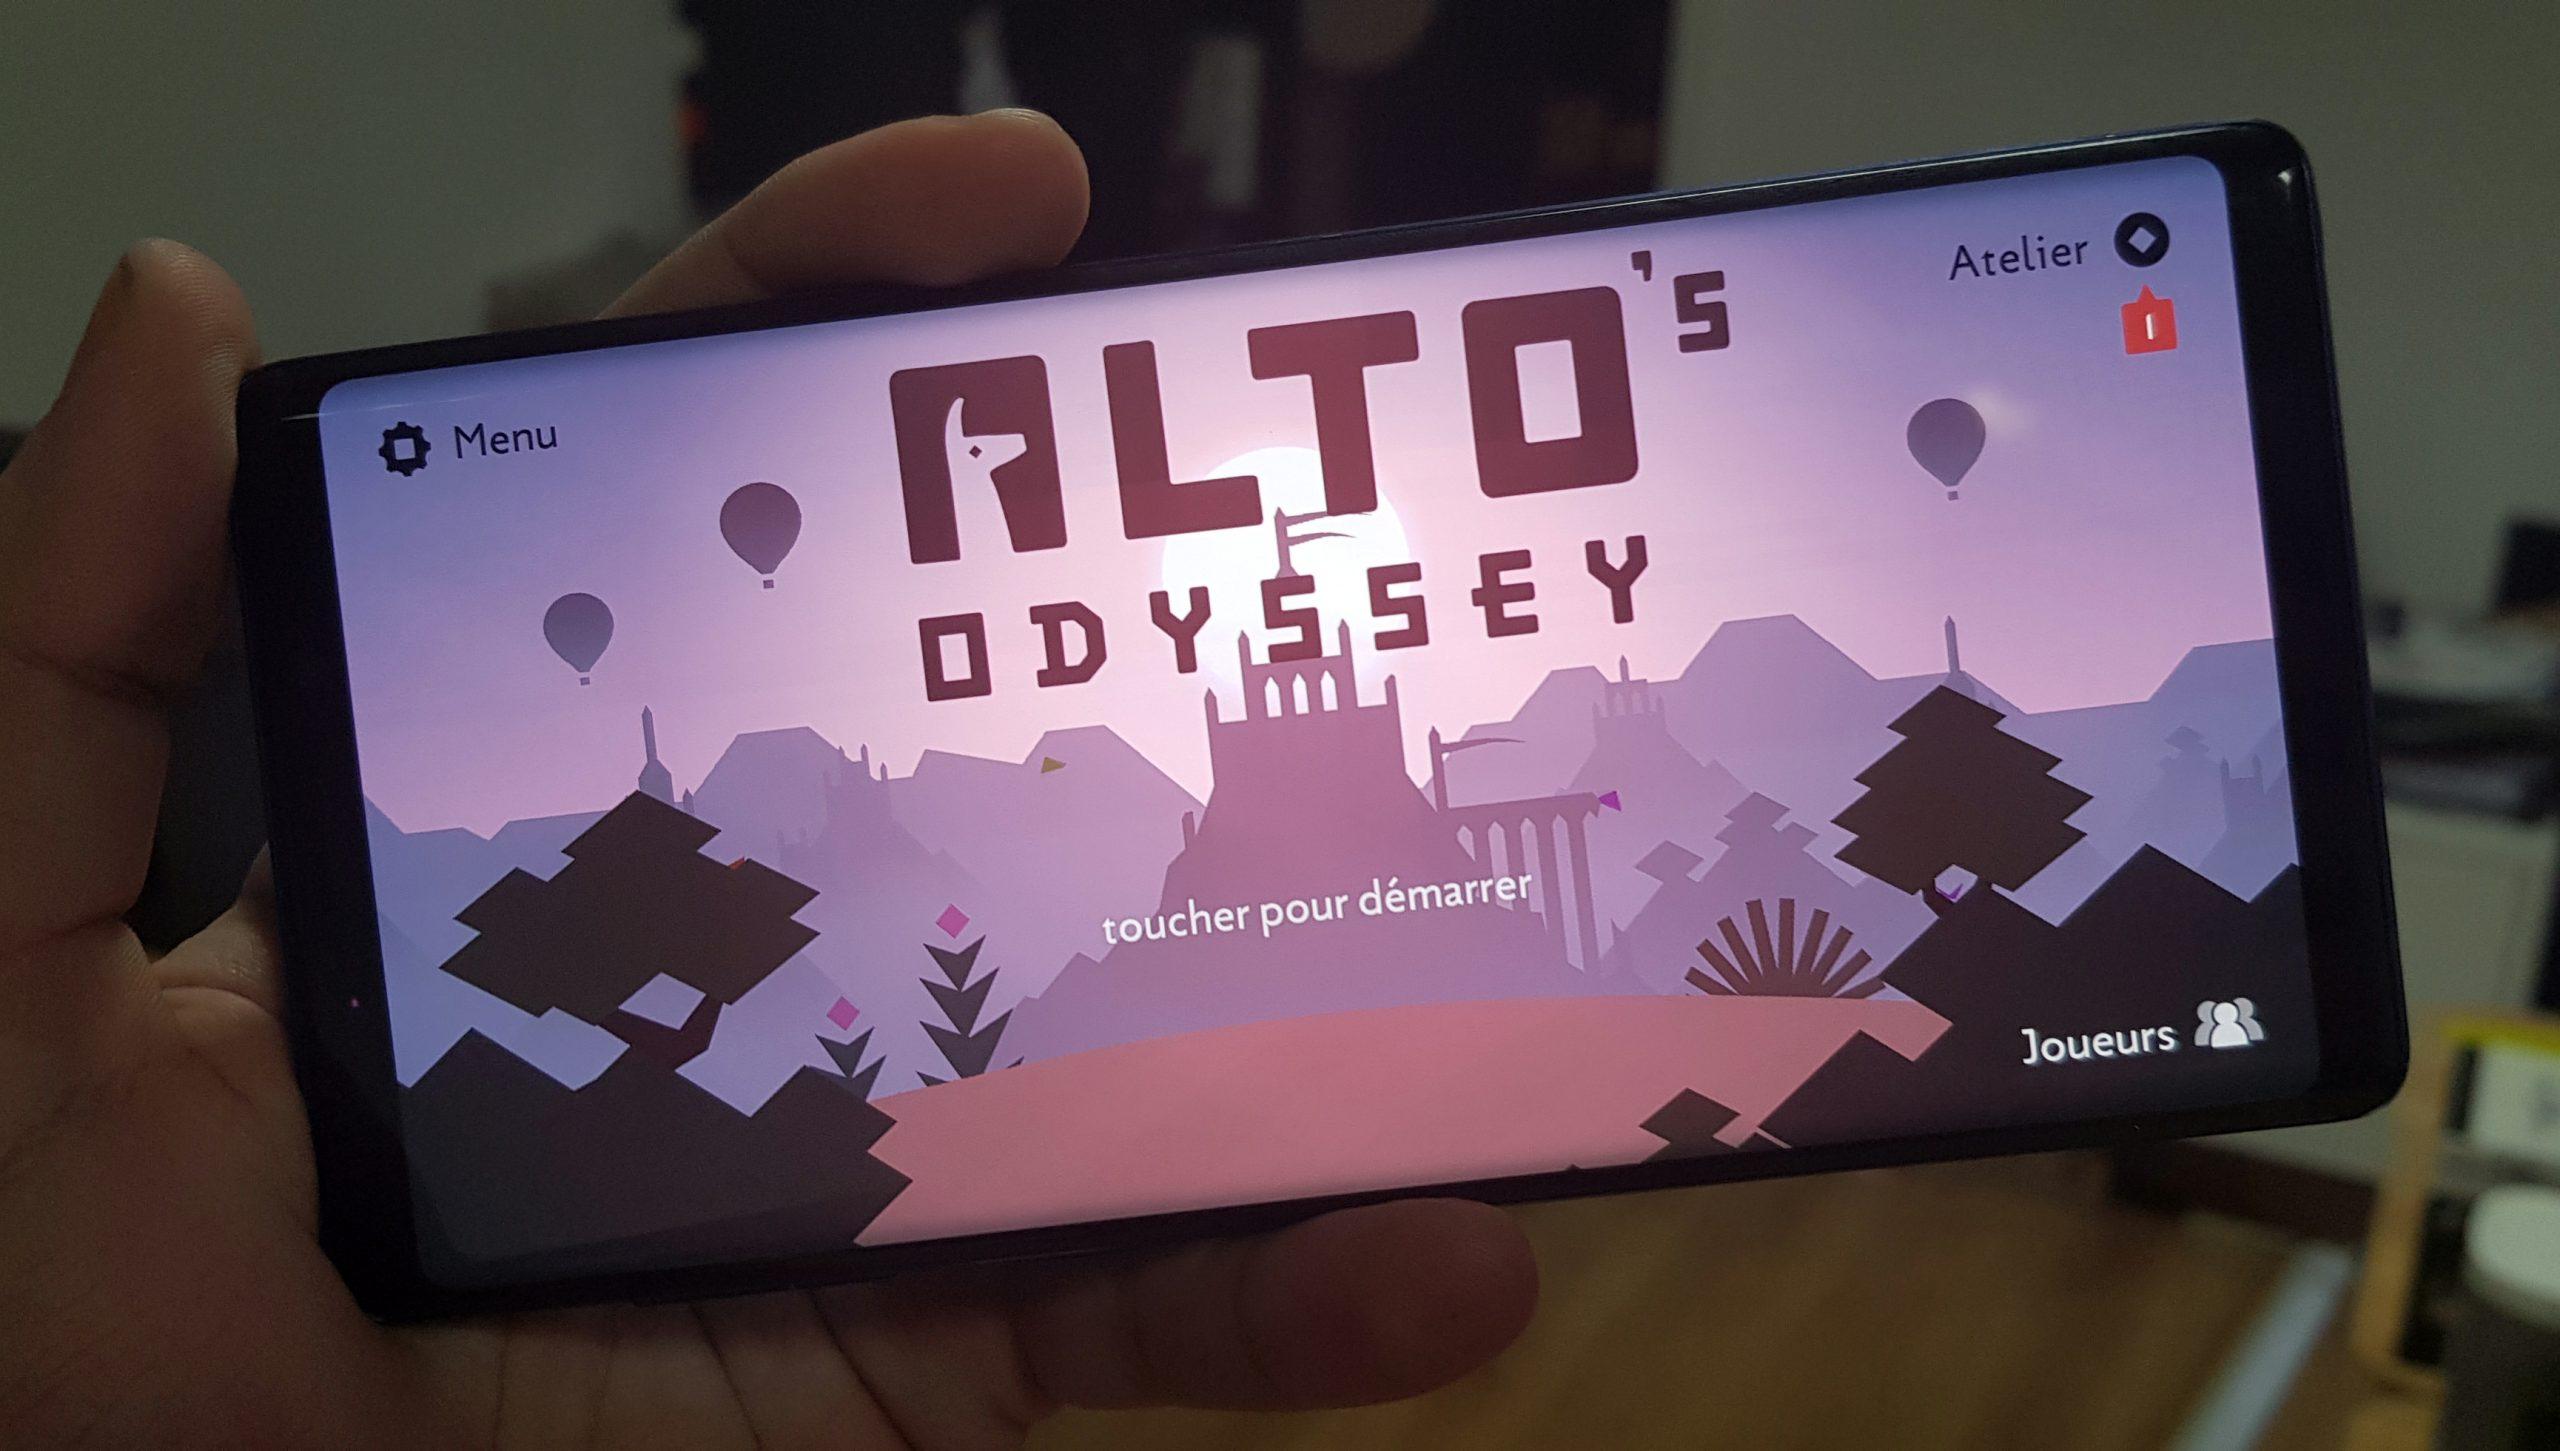 Les Meilleurs Jeux Sans Connexion Sur Android Et Ios En 2020 tout Jeux Gratuit Pour Garçon 5 Ans